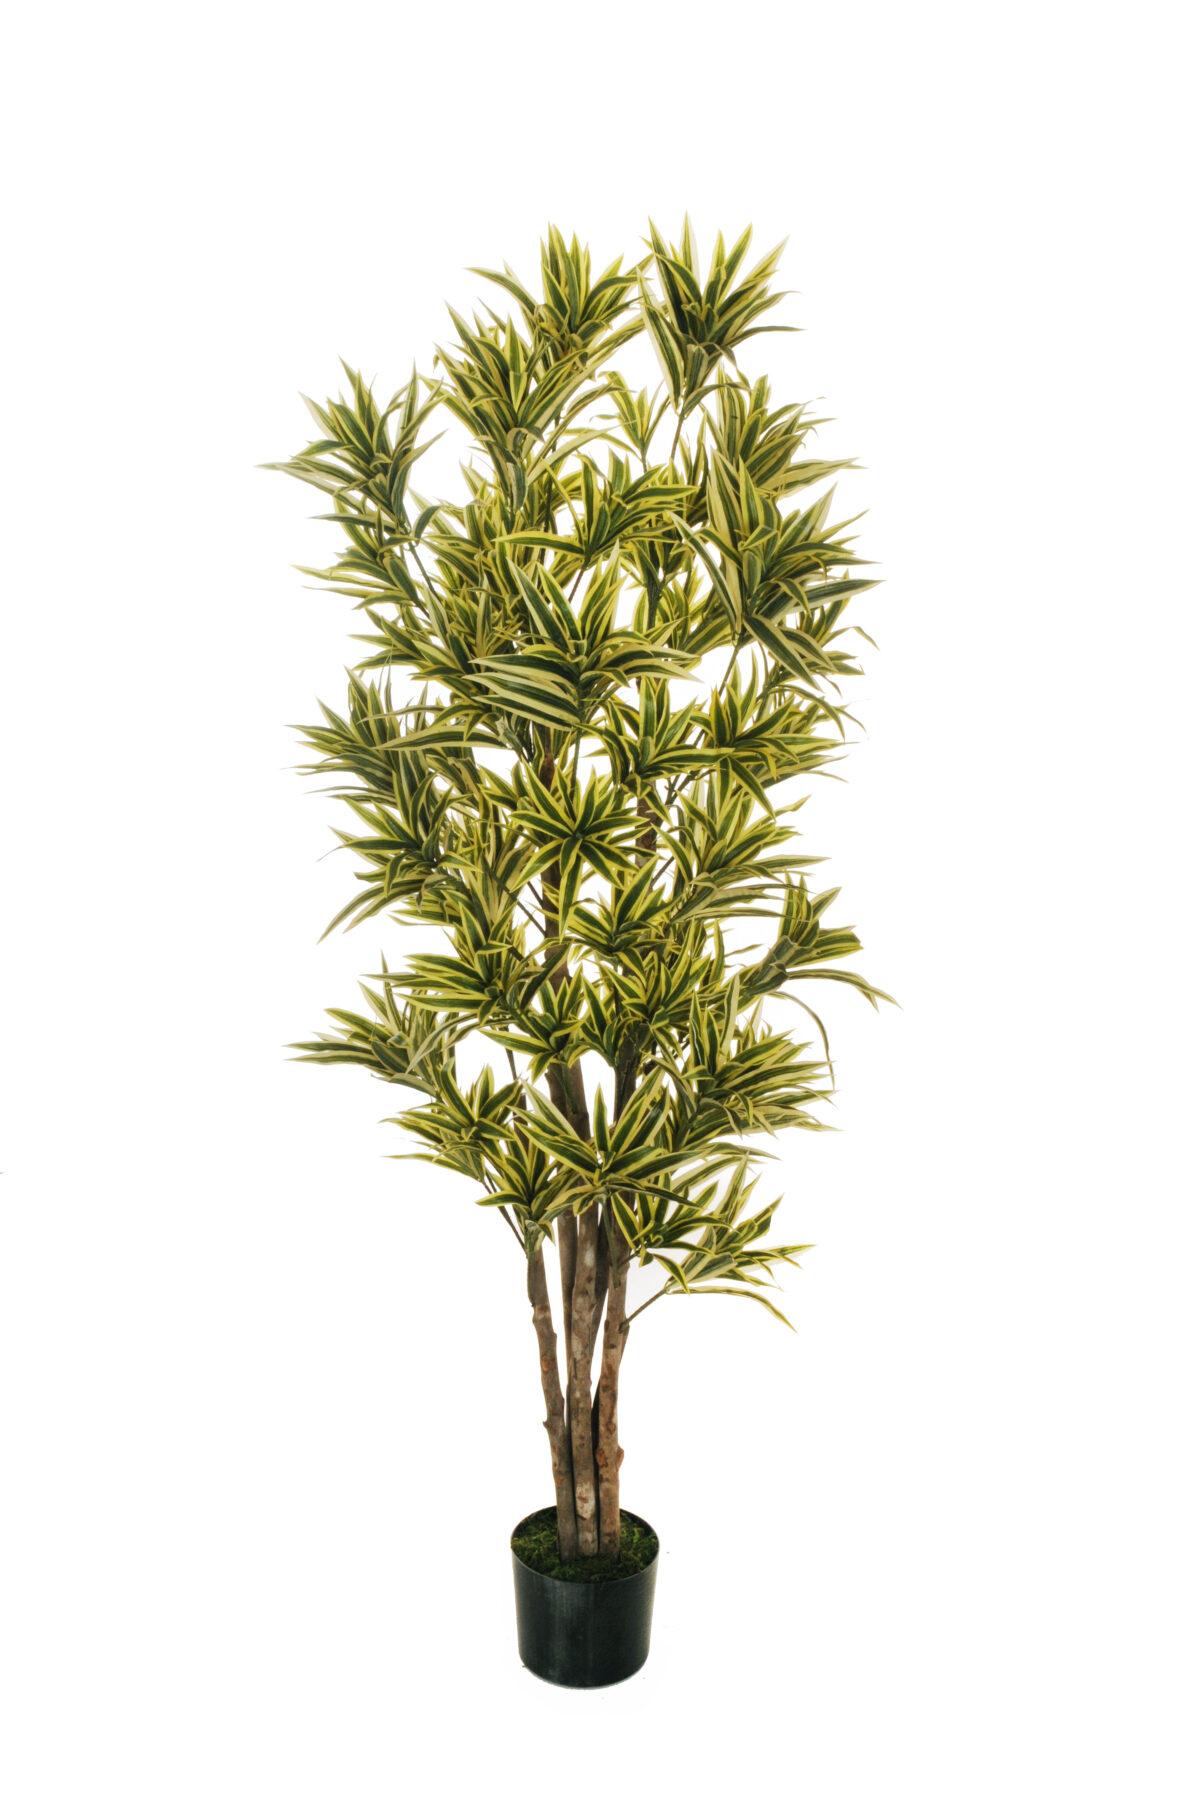 Pianta artificiale di Dracena con 2320 foglie variegate, 6 tronchi e con vaso nero plastica d. 18 cm x 14,5 cm, h. pianta 170 cm